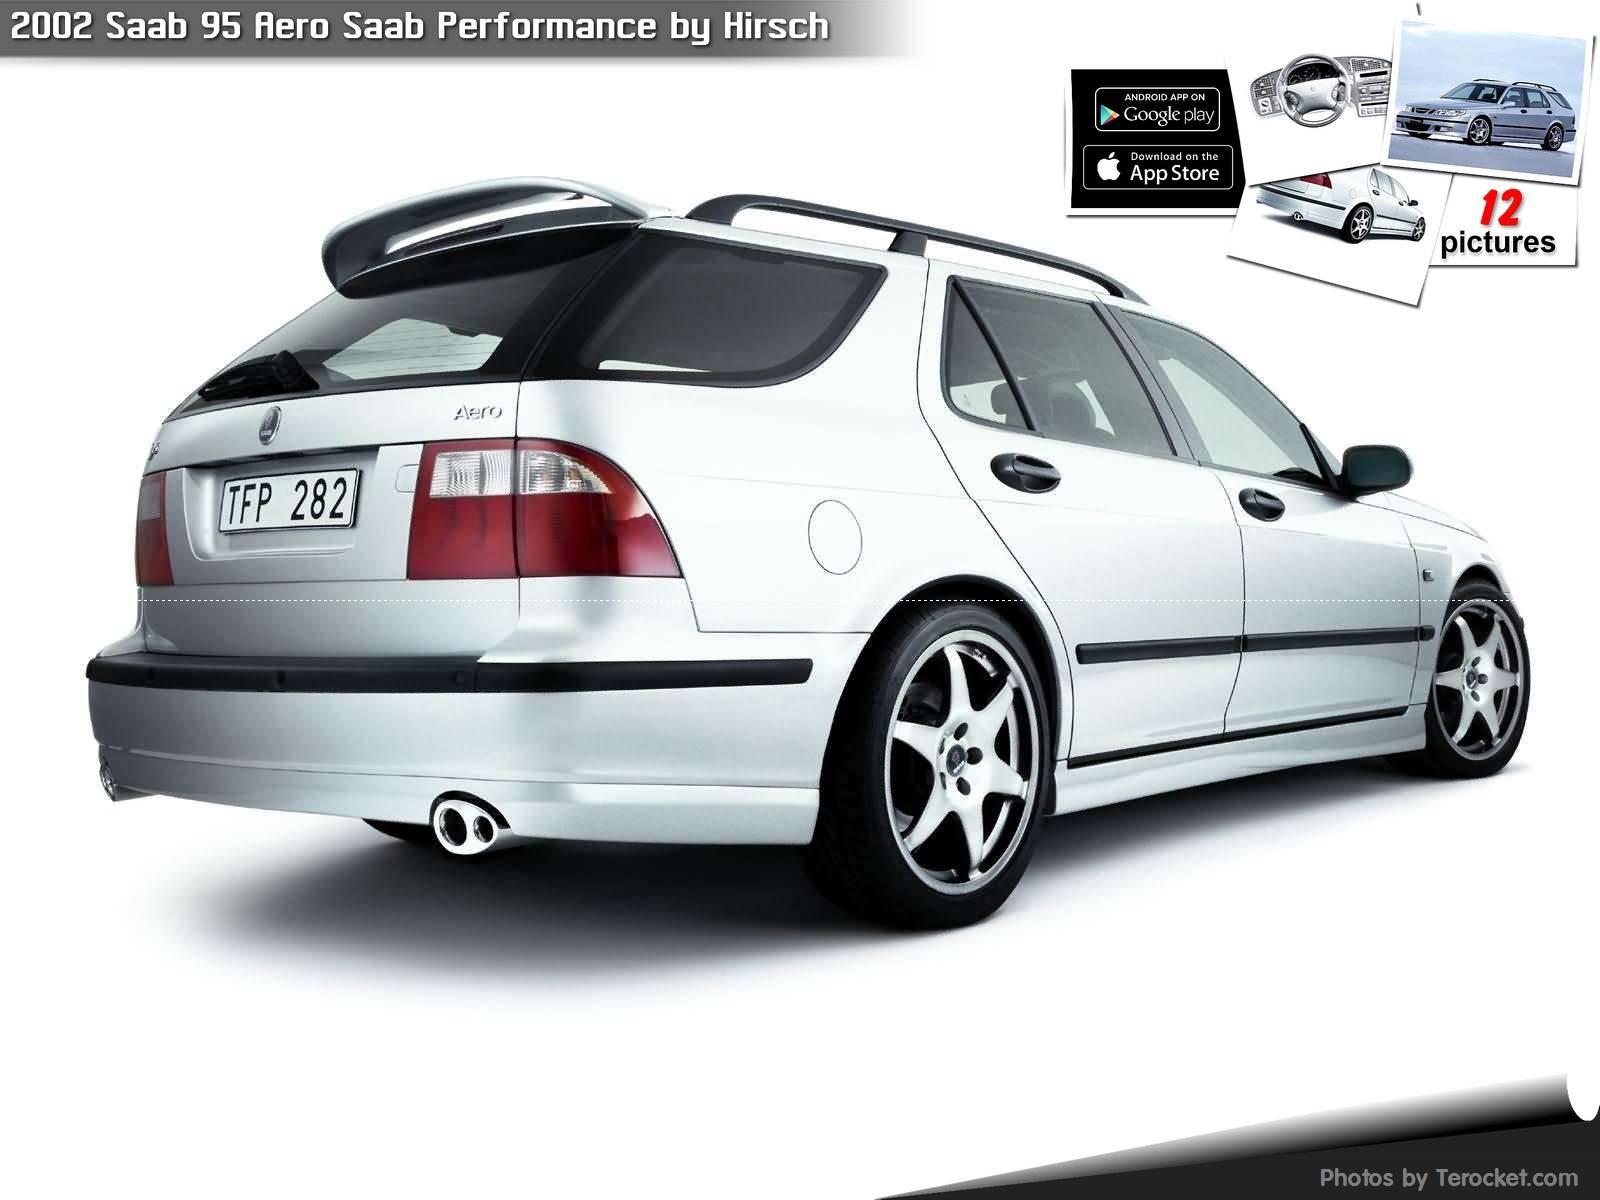 Hình ảnh xe ô tô Saab 95 Aero Saab Performance by Hirsch 2002 & nội ngoại thất